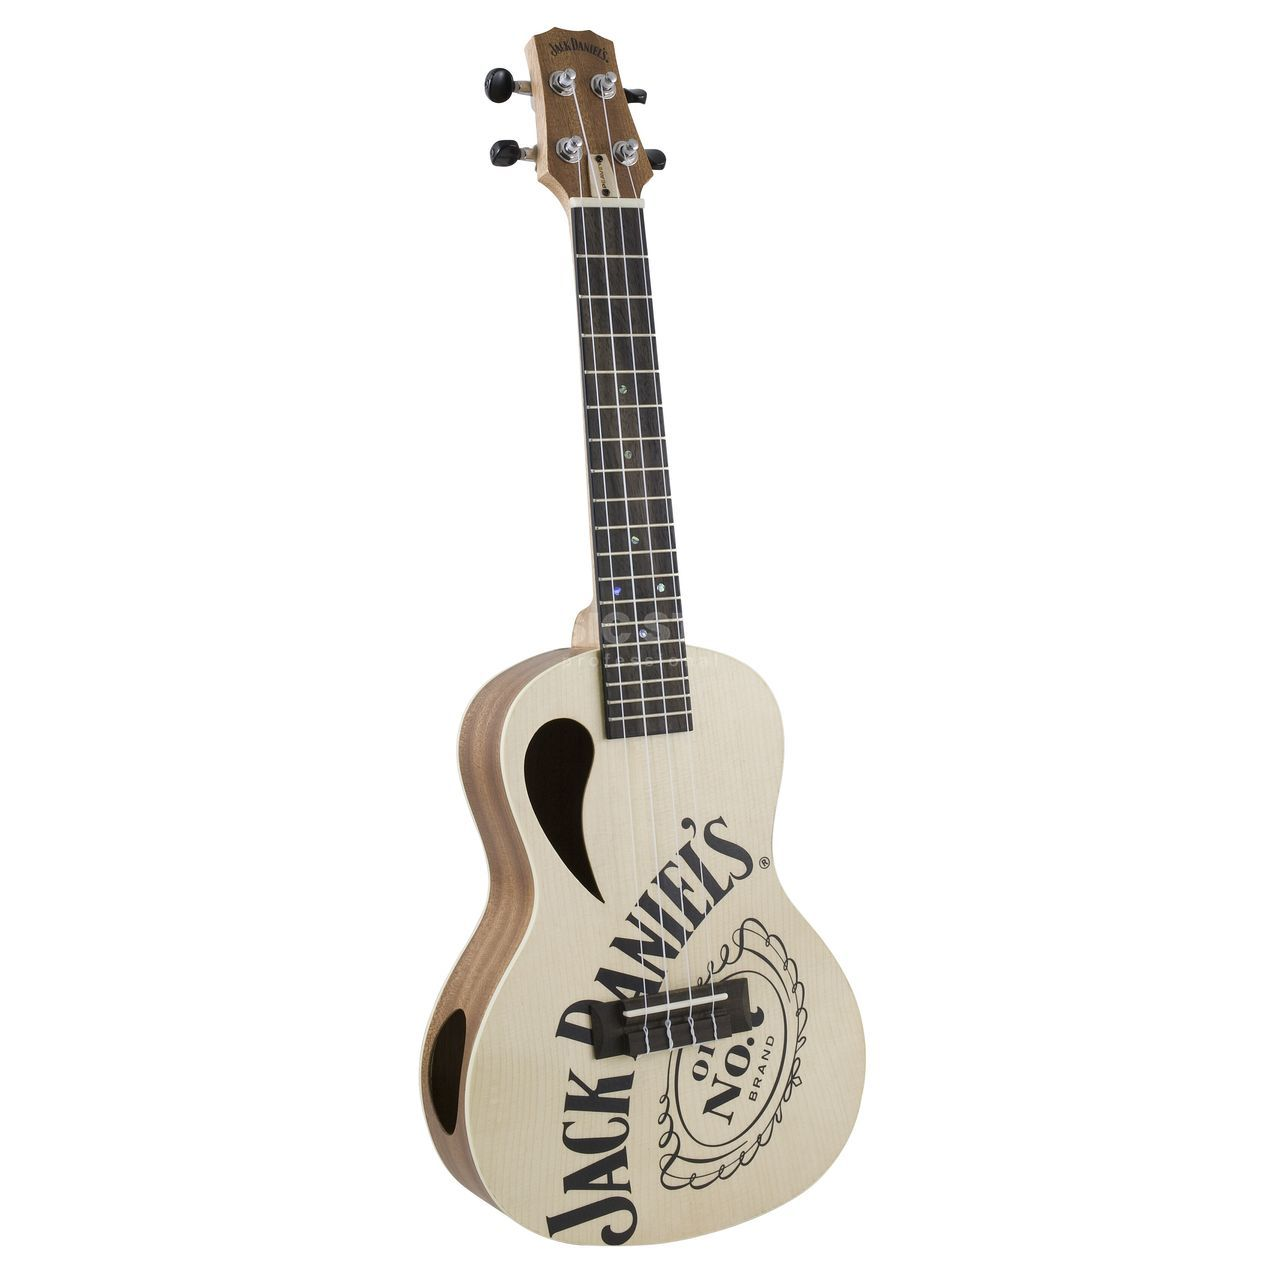 peavey jack daniels ukulele kaufen